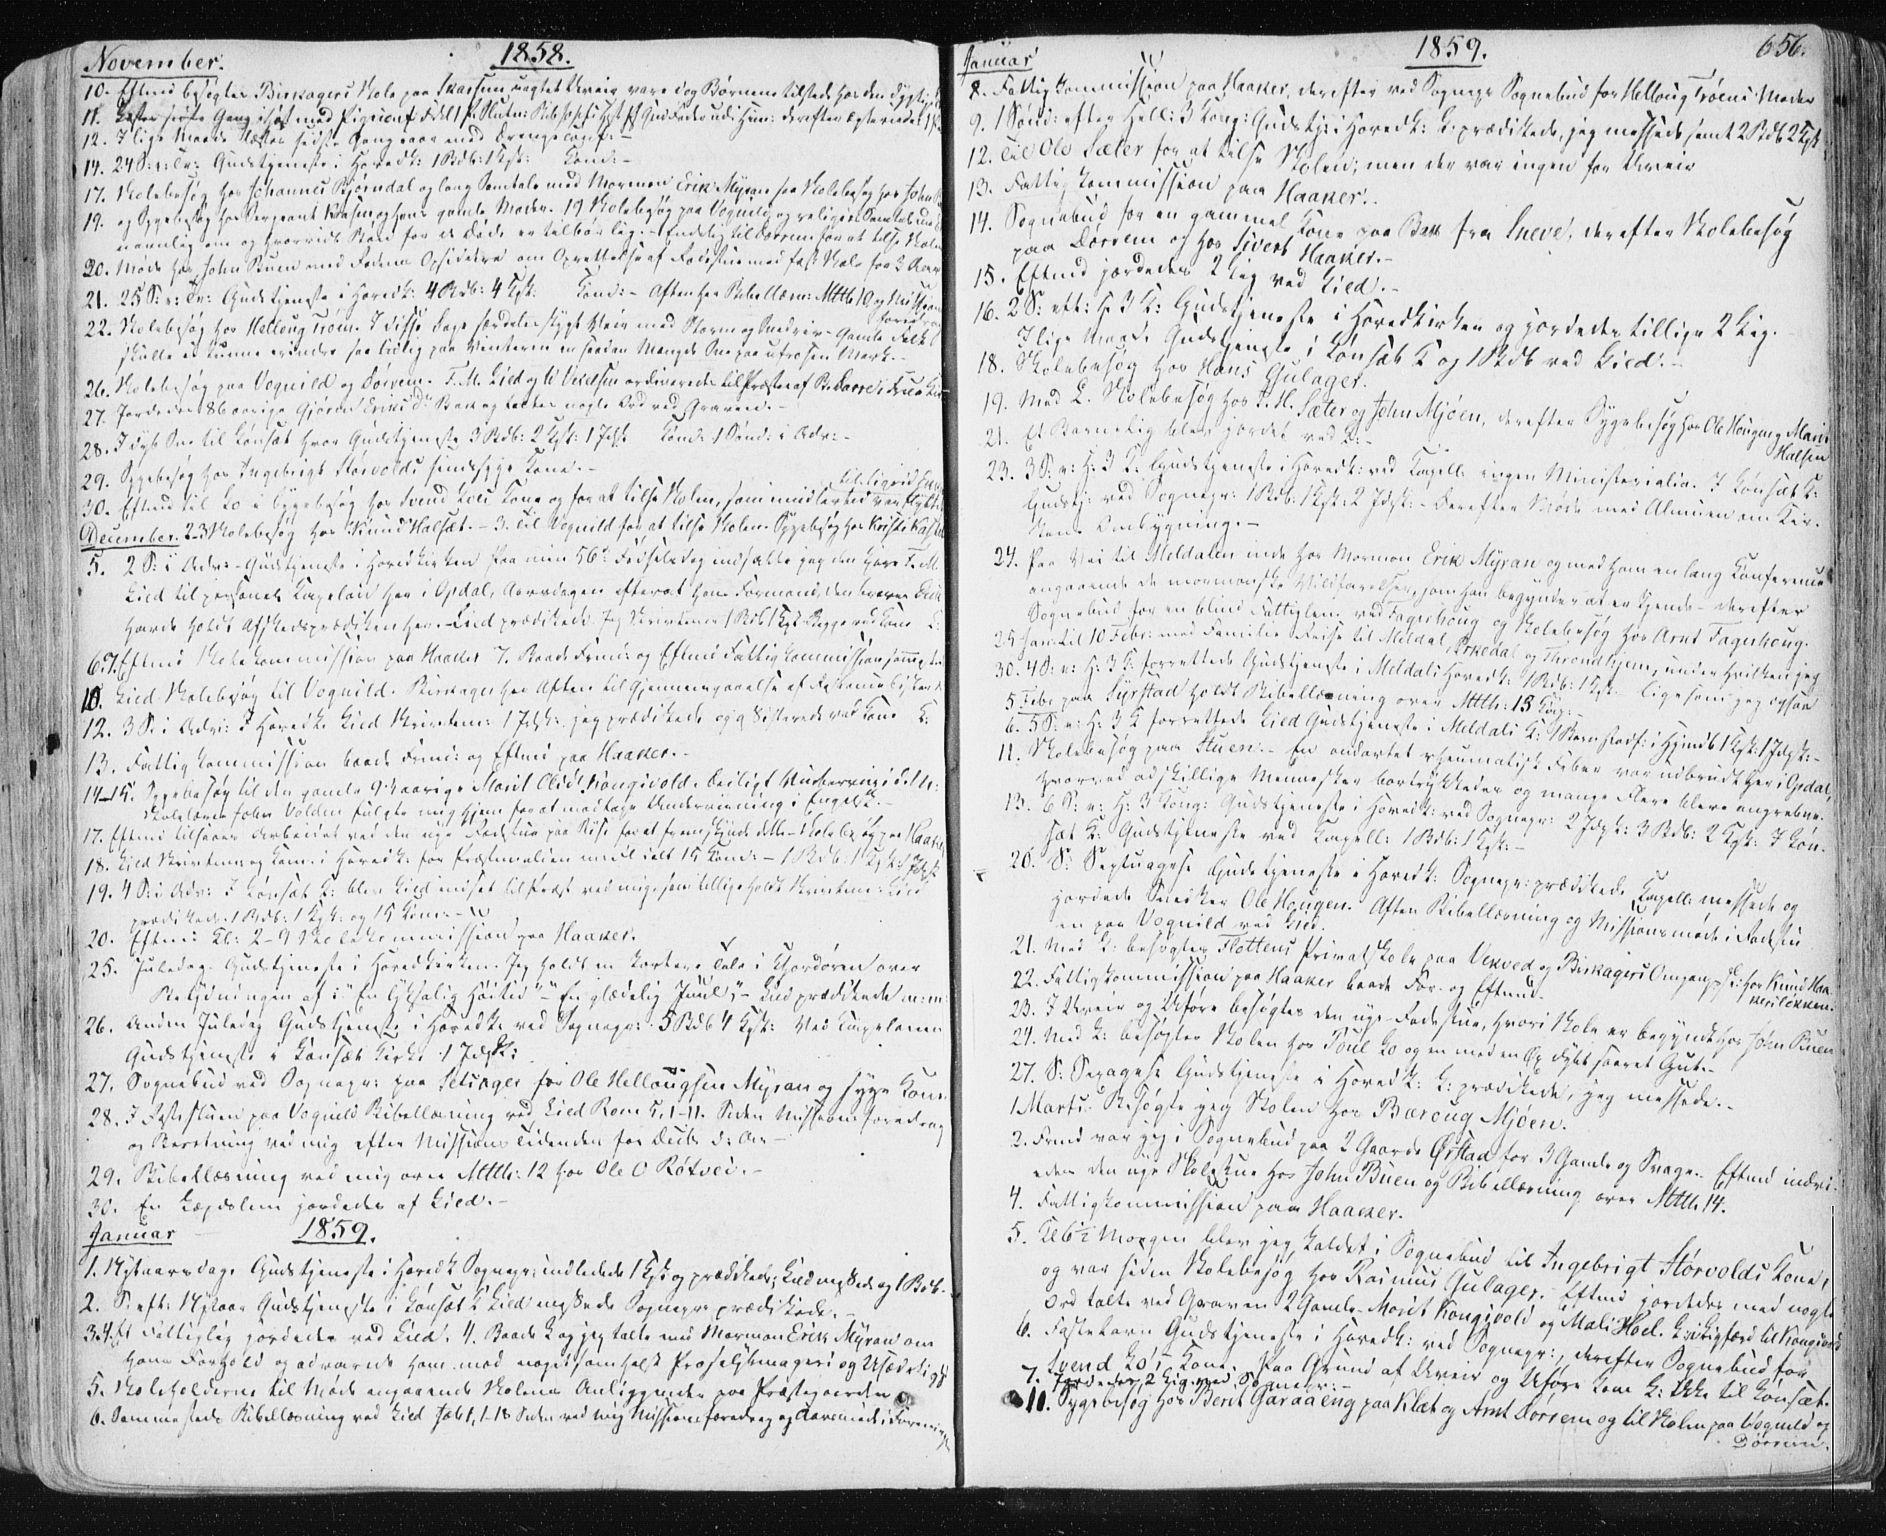 SAT, Ministerialprotokoller, klokkerbøker og fødselsregistre - Sør-Trøndelag, 678/L0899: Ministerialbok nr. 678A08, 1848-1872, s. 656